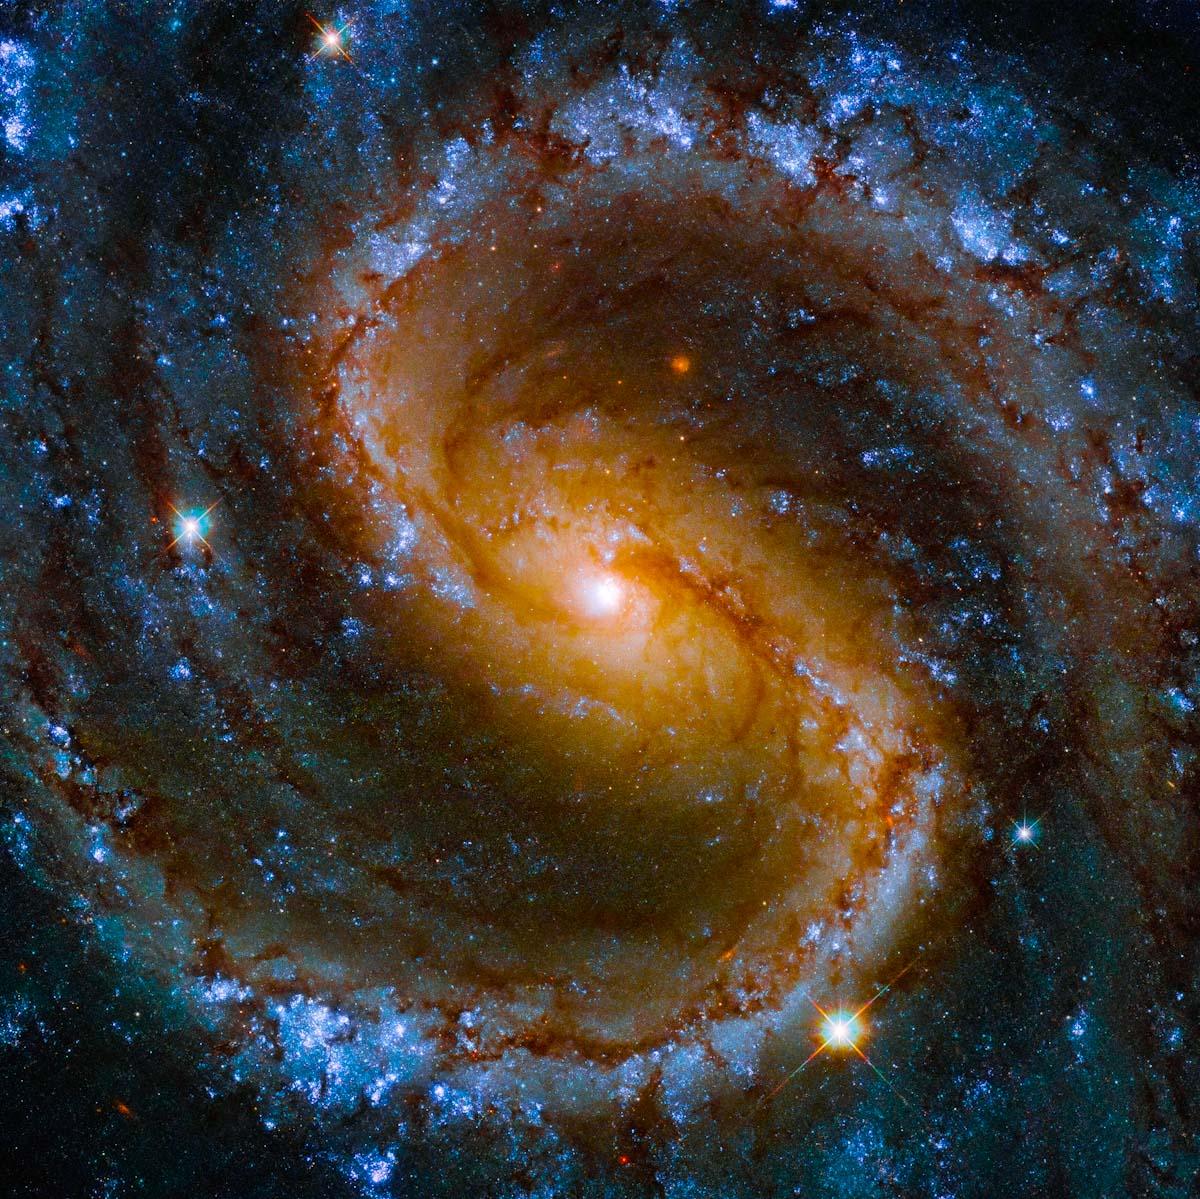 Cores da 'Galáxia Perdida'